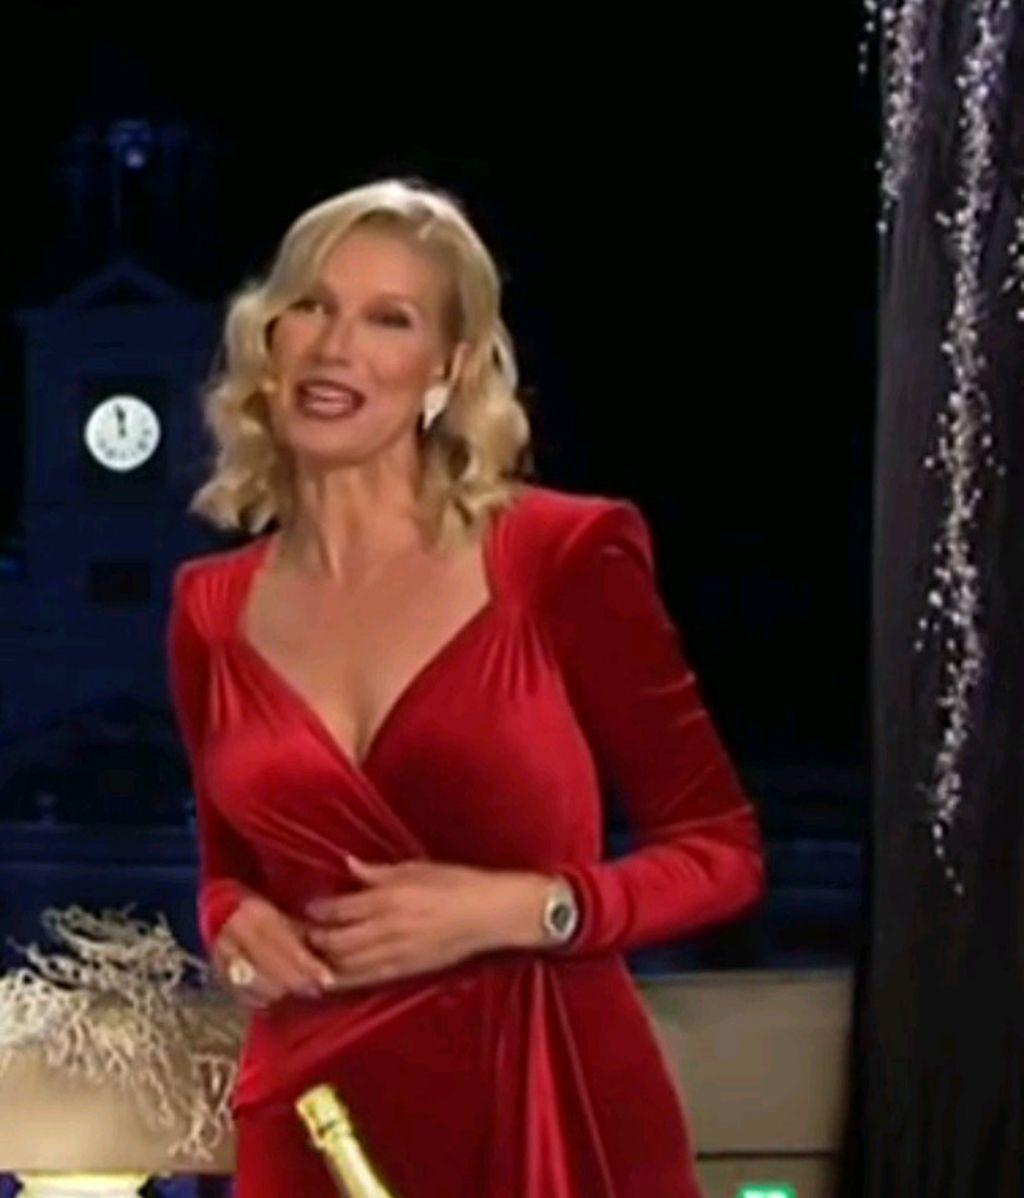 Anne Igartiburu presenta las campanadas de fin de año de 2016 en TVE